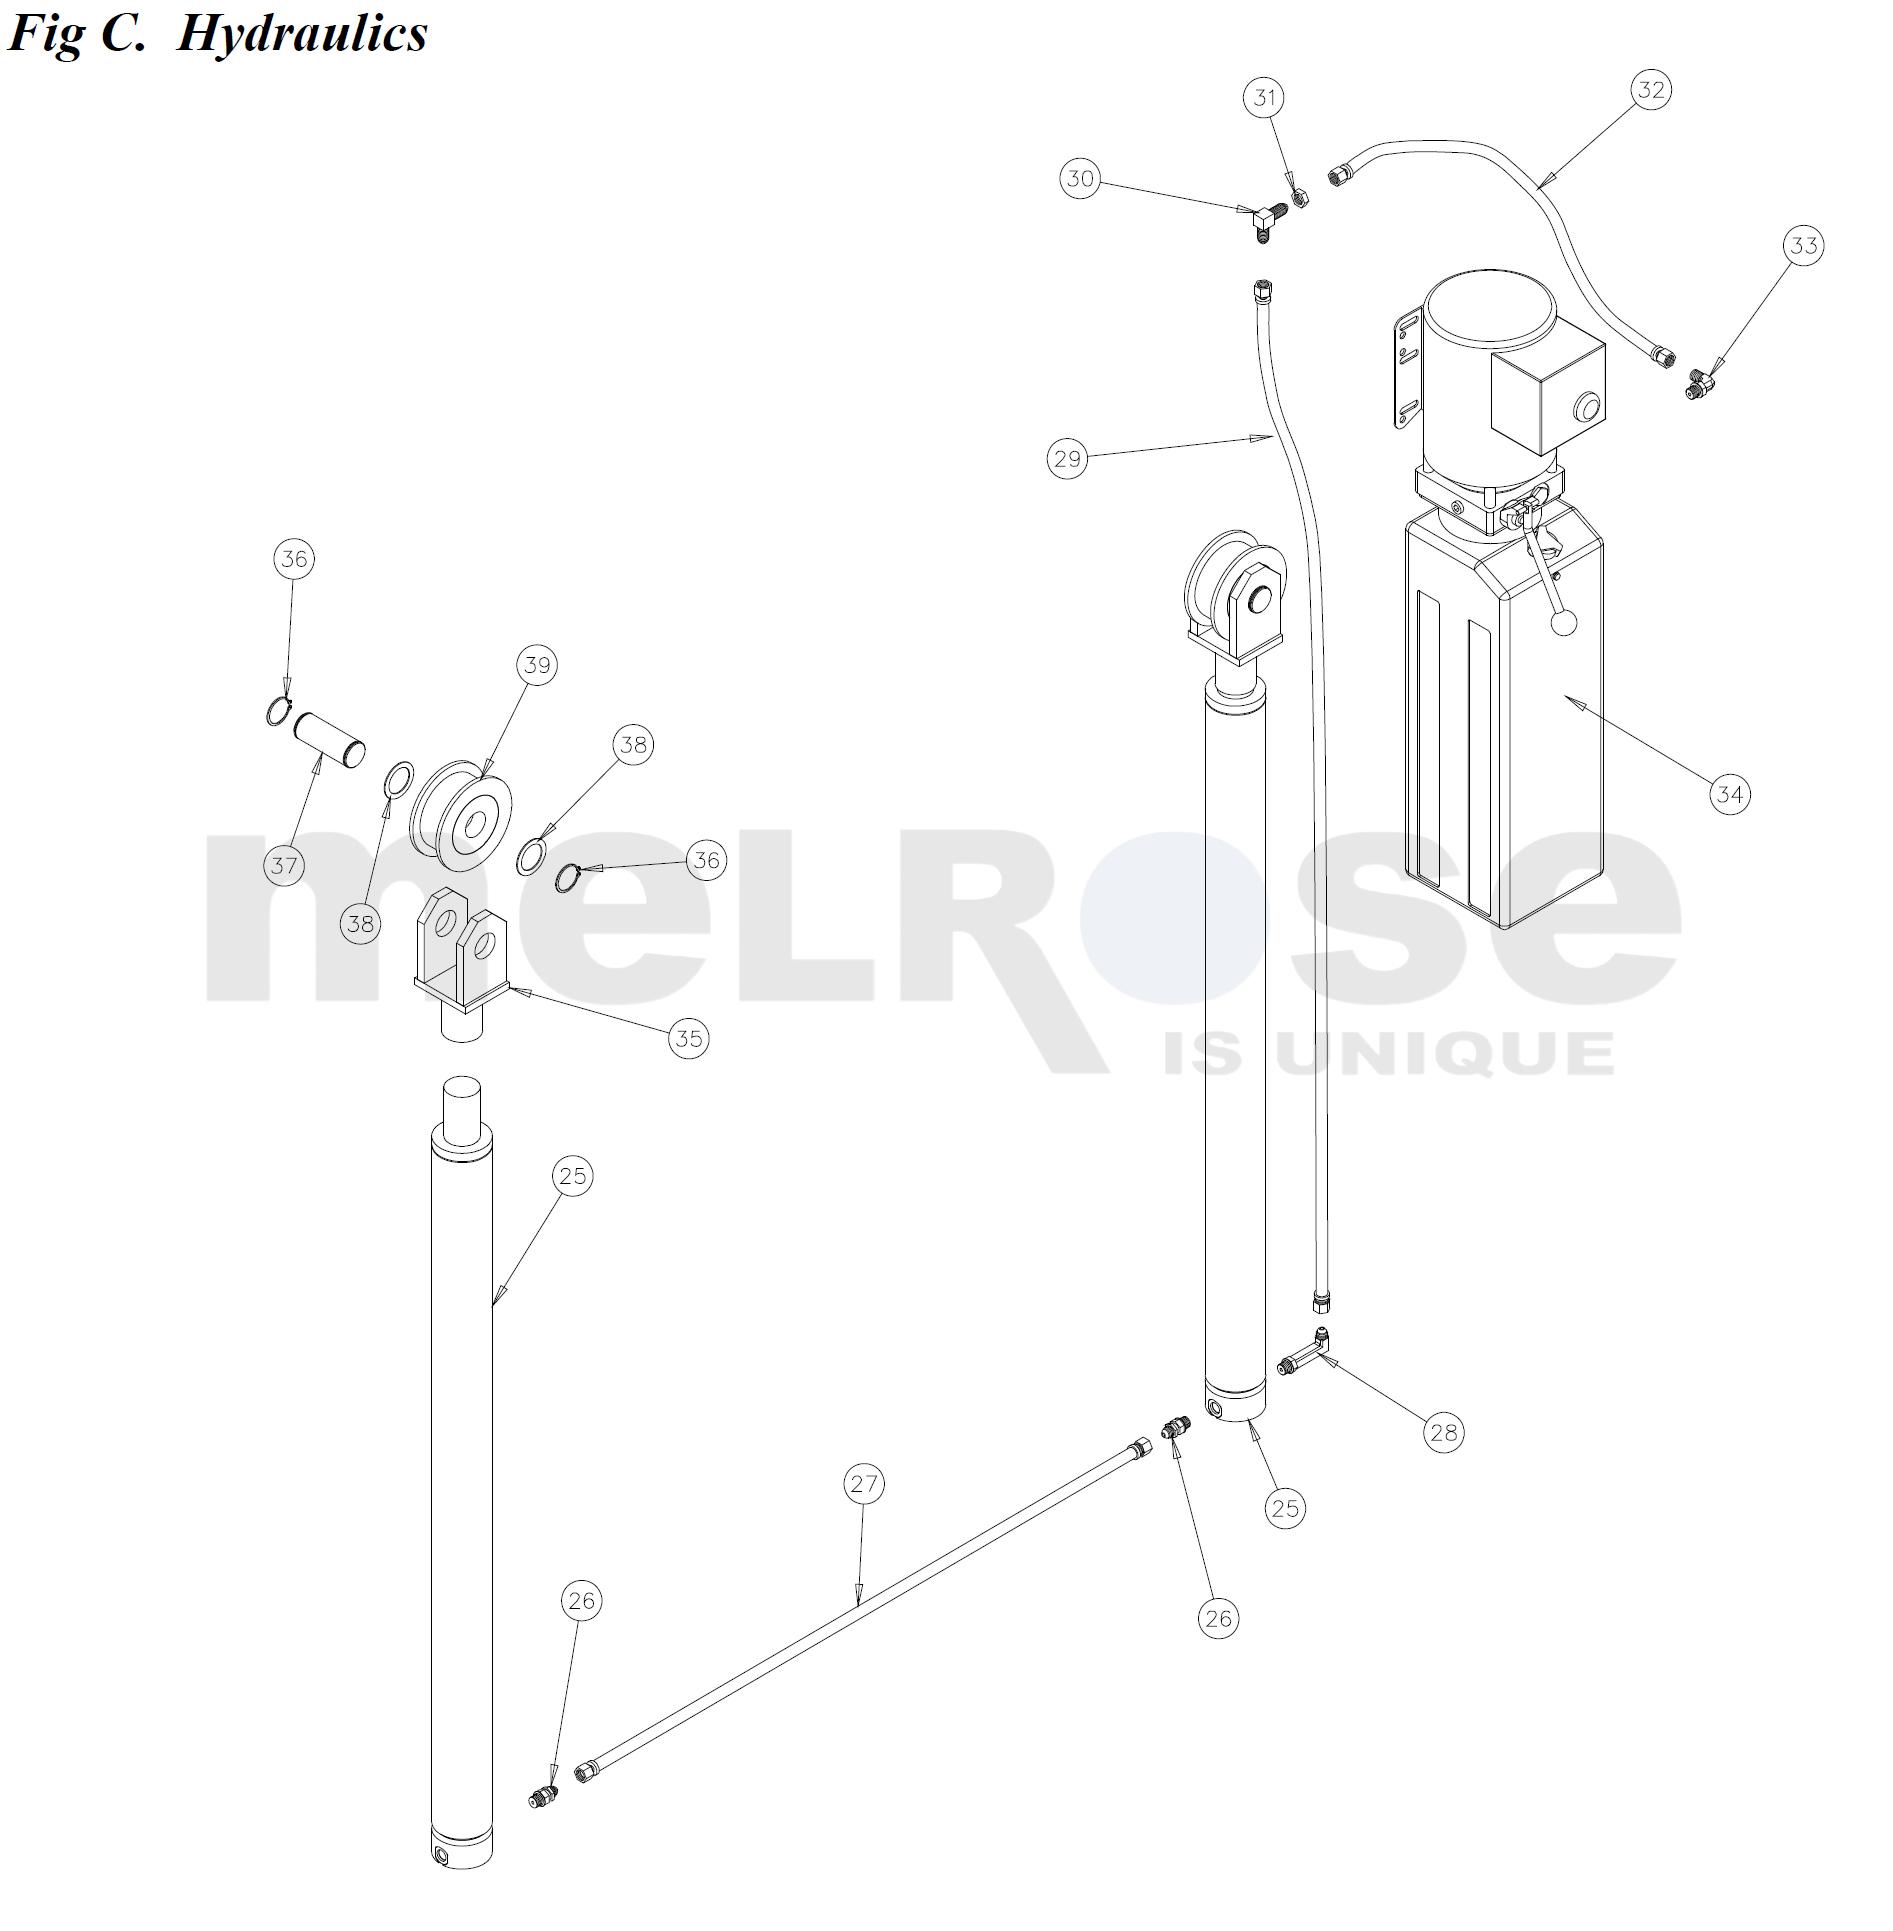 clfp9-hydraulic-diagram-marked.jpg